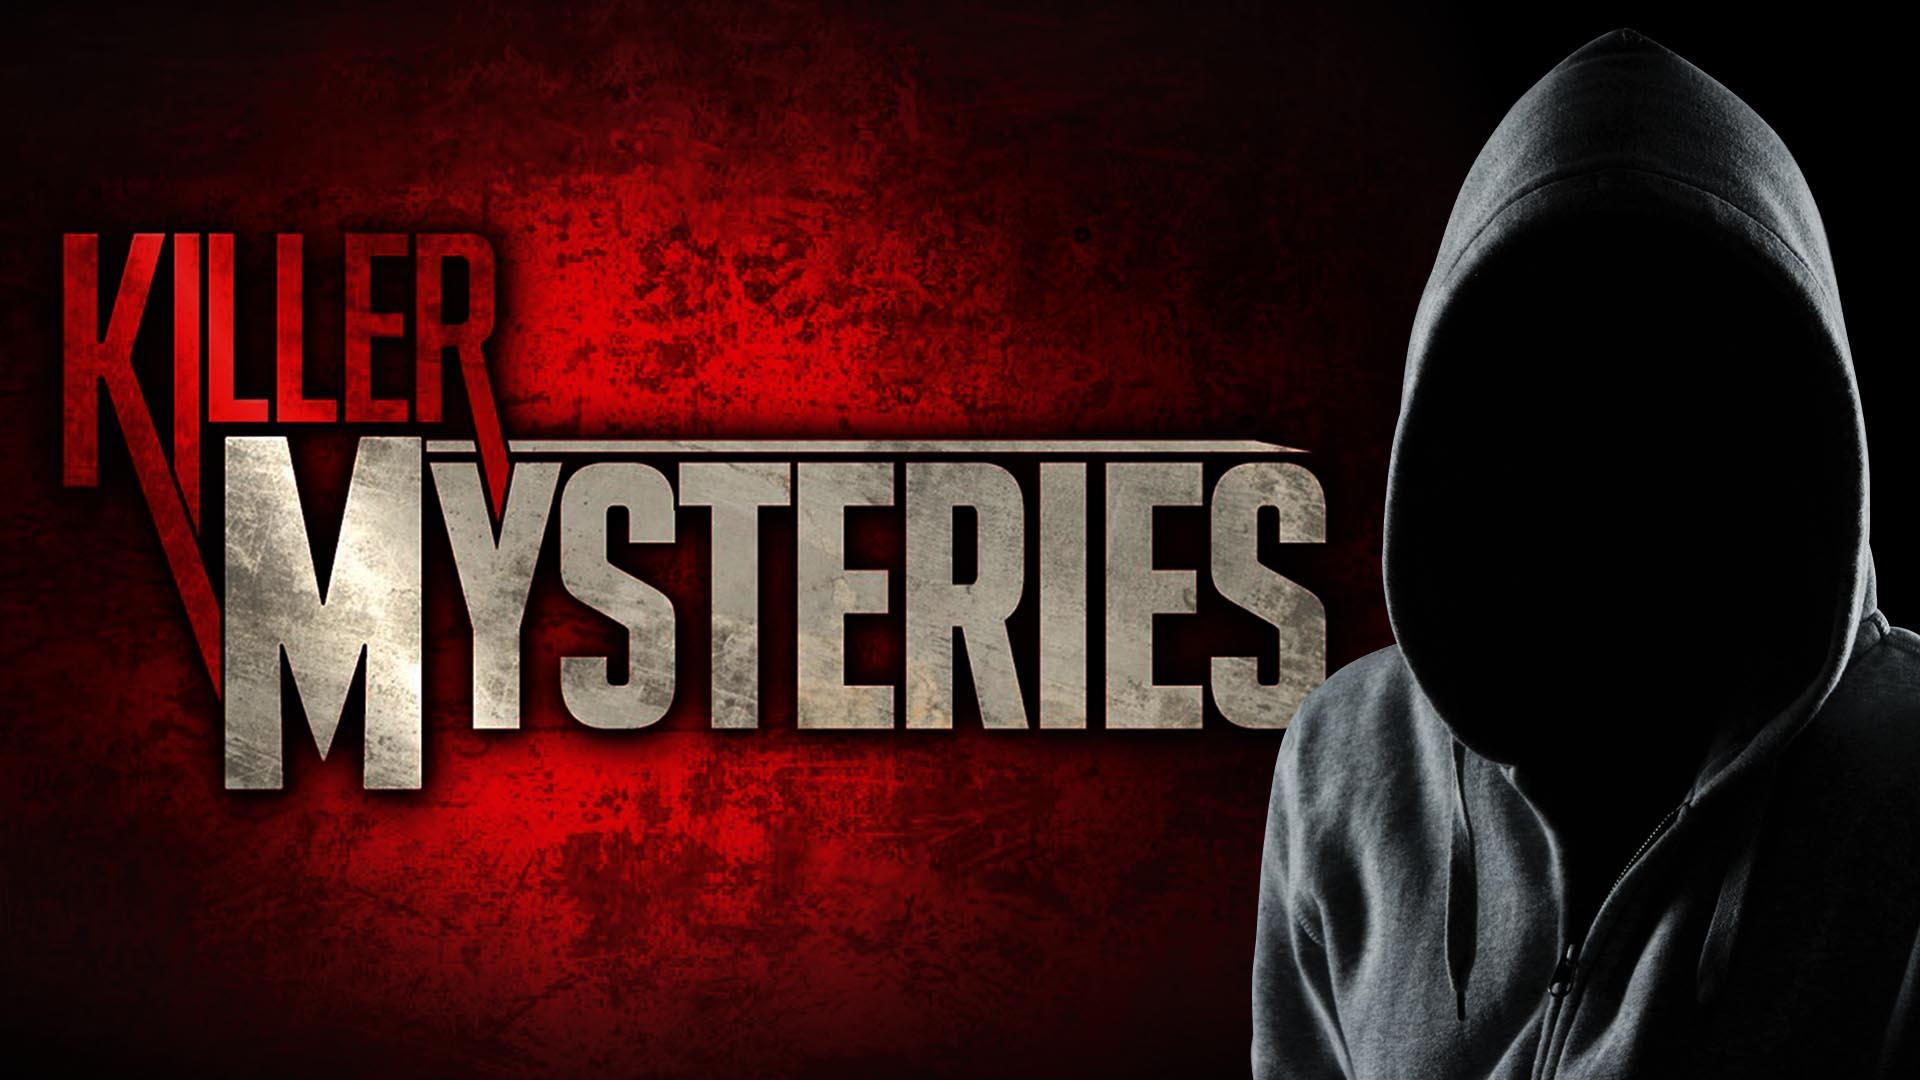 Killer Mysteries